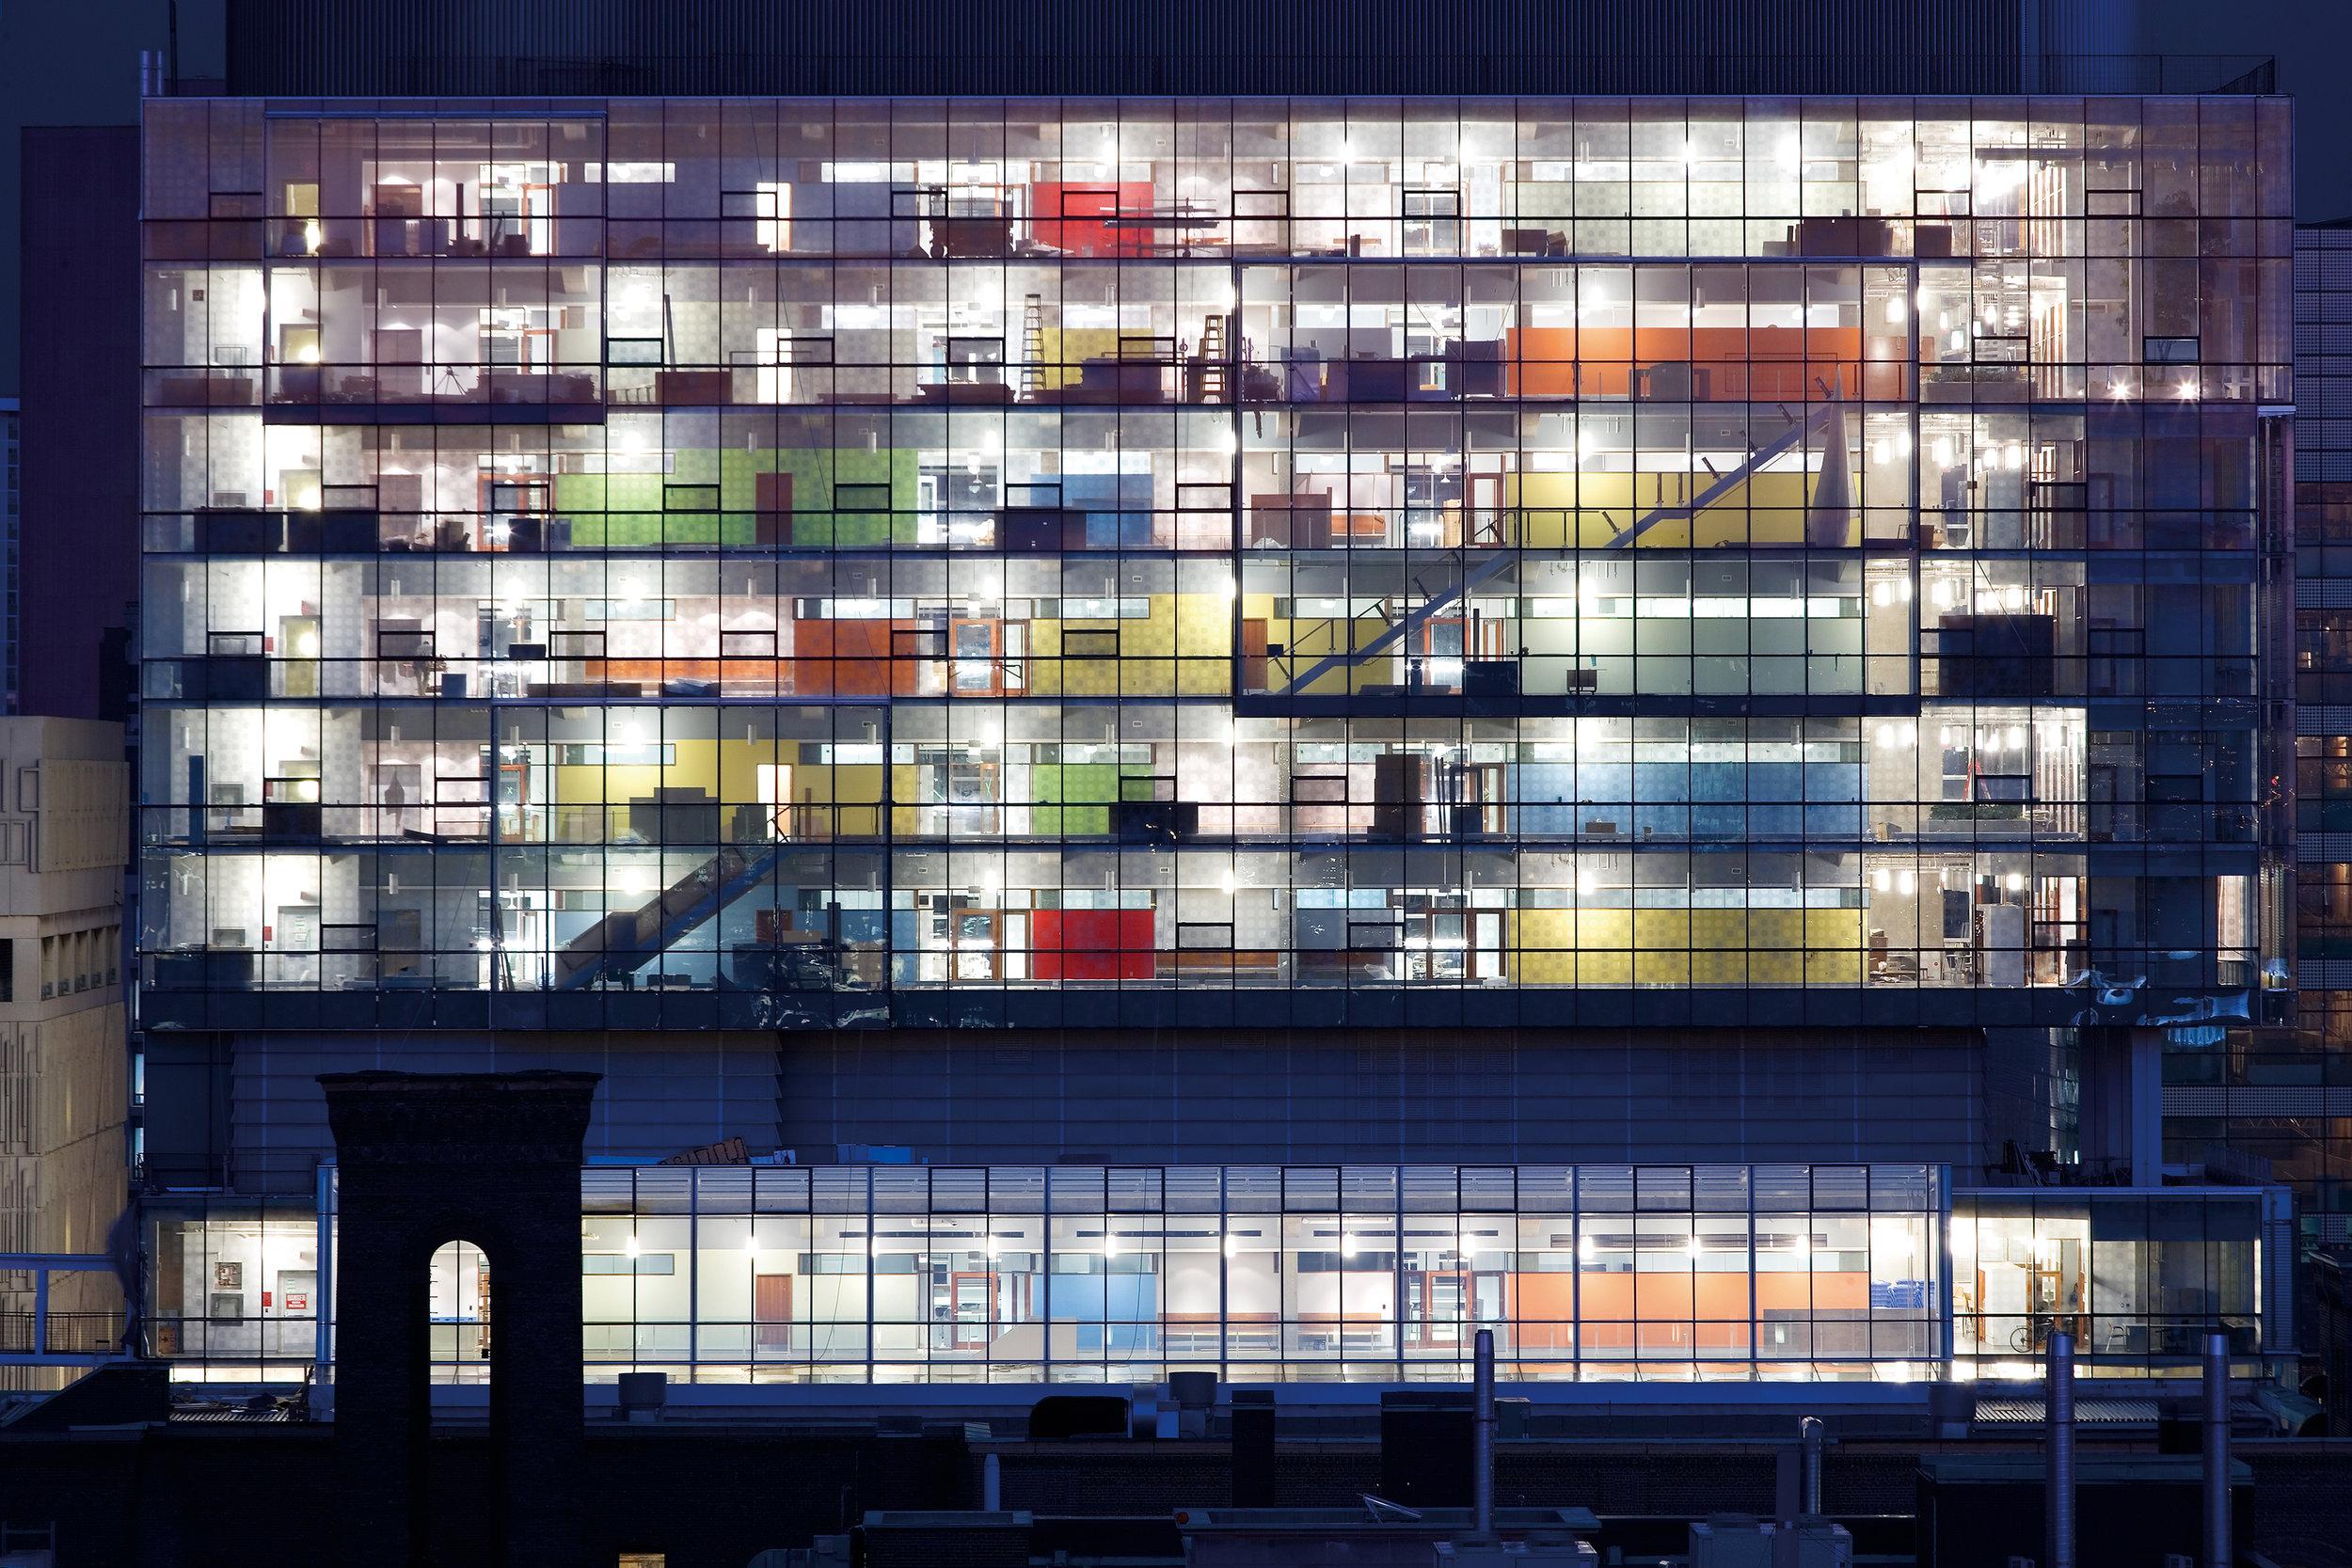 gh3-TDCCBR-night facade.jpg